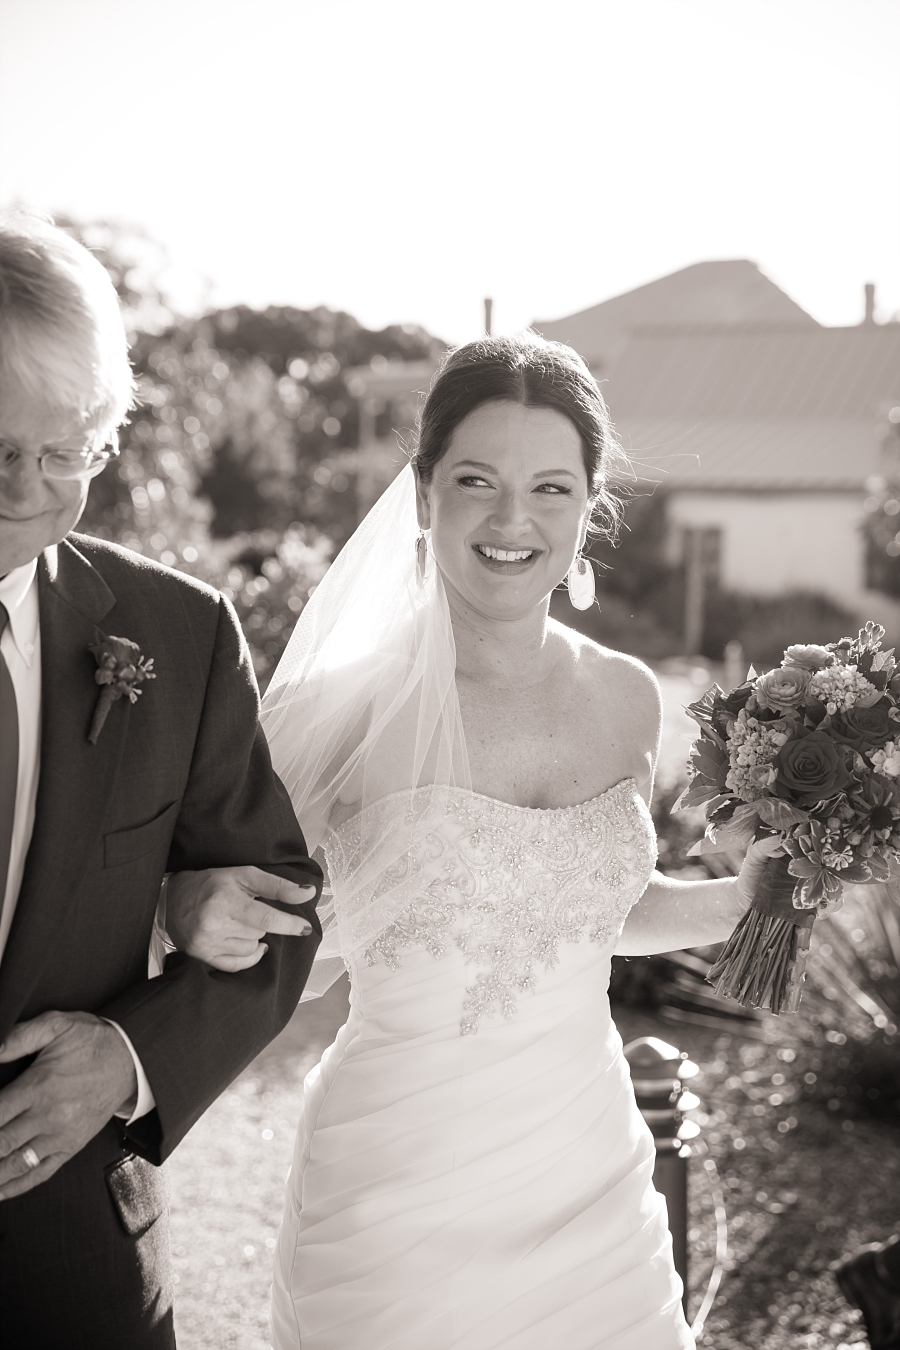 Stacy-Amderson-Photography-Houston-Fredericksberg-Wedding-Photographer_0055.jpg